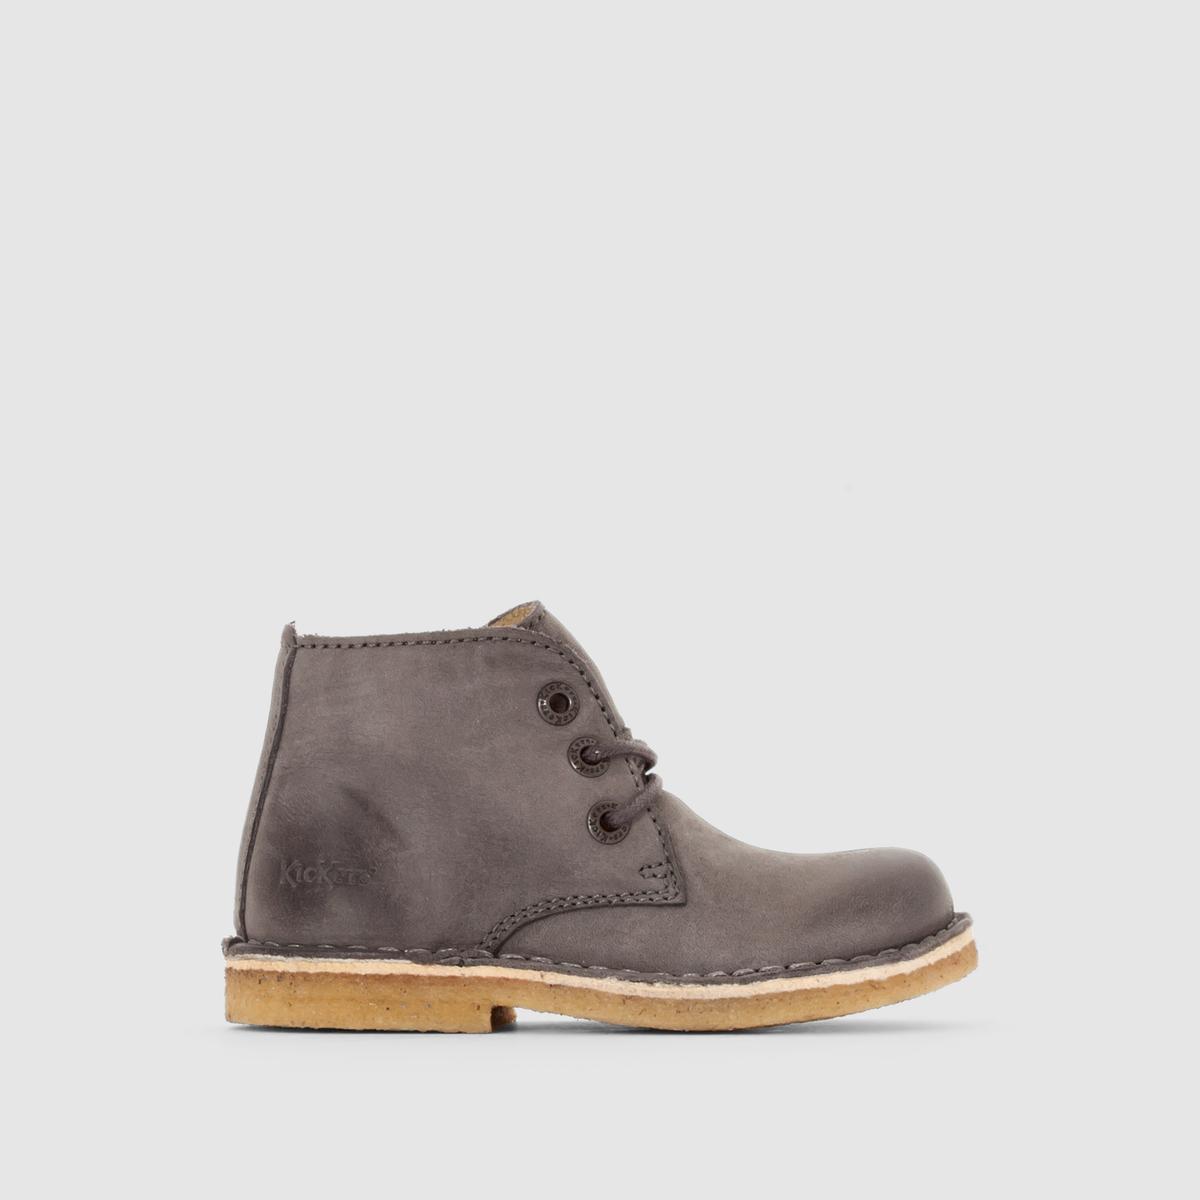 Ботинки цвета пустыни RealkizВерх/ Голенище: Кожа     Подкладка: Неотделанная кожа     Стелька: Неотделанная кожа    Подошва: Креп     Высота каблука:  6 см.     Застежка: шнуровка.<br><br>Цвет: серый<br>Размер: 33.27